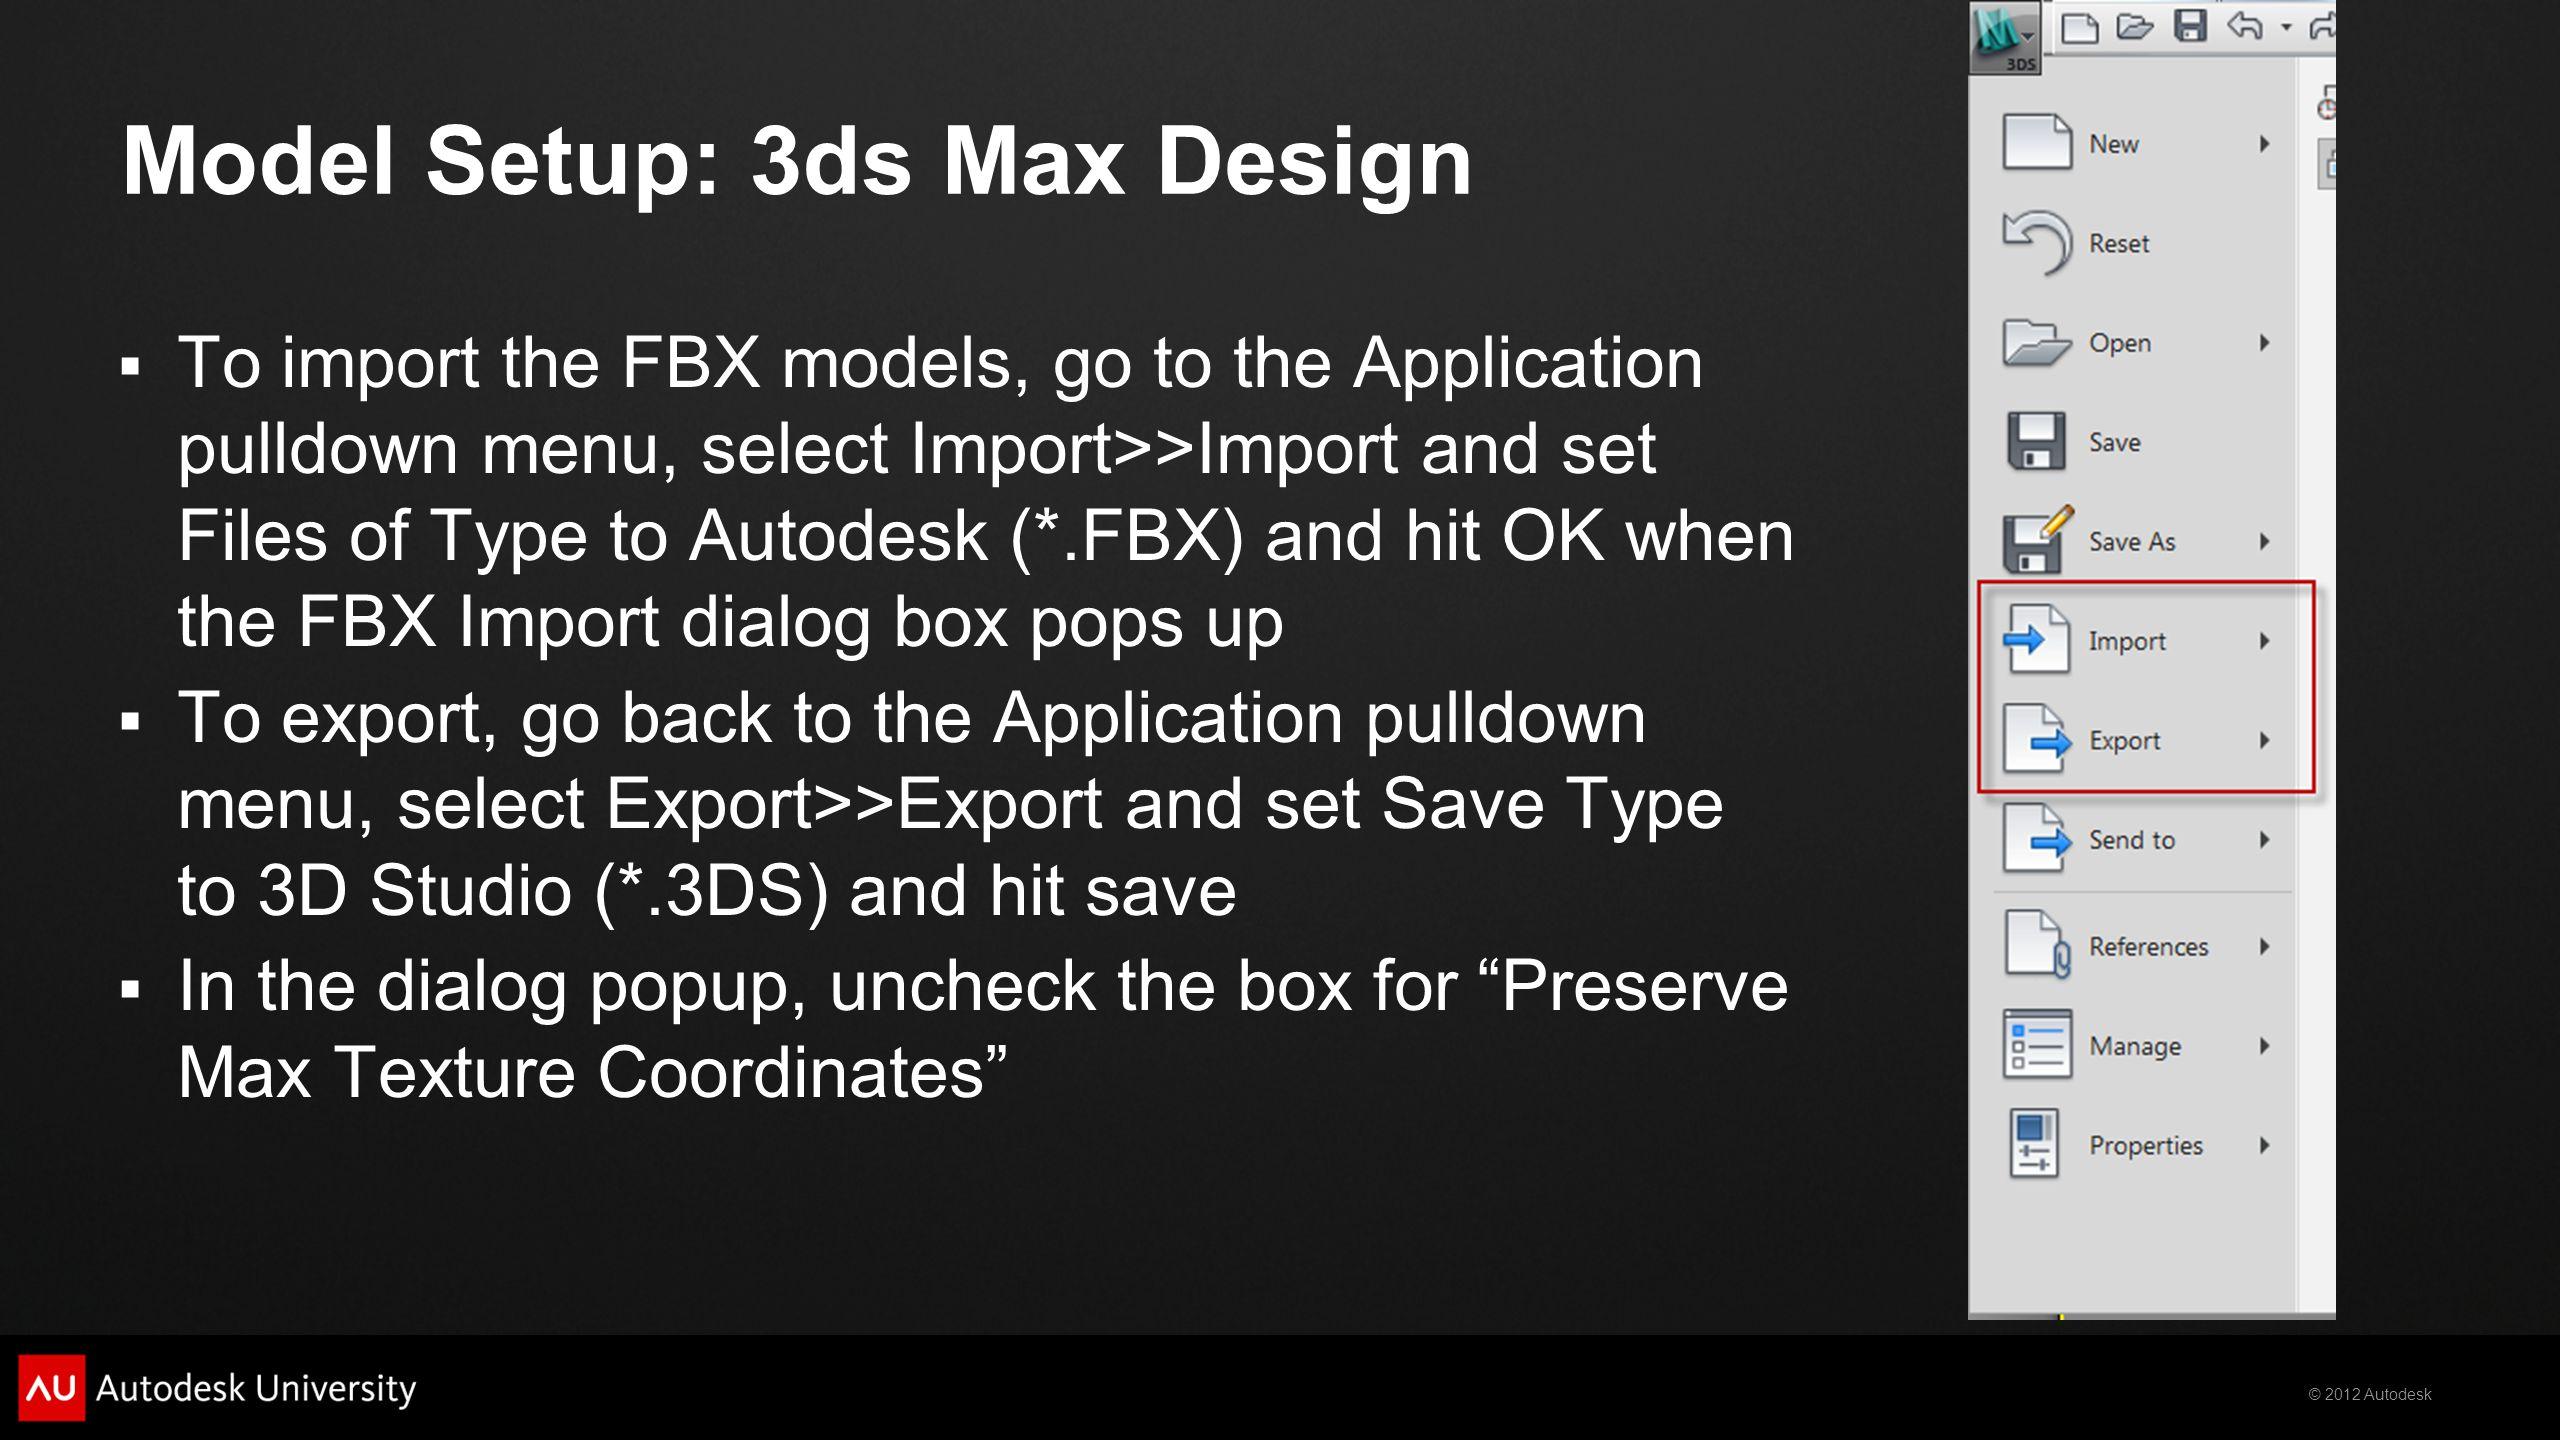 Model Setup: 3ds Max Design